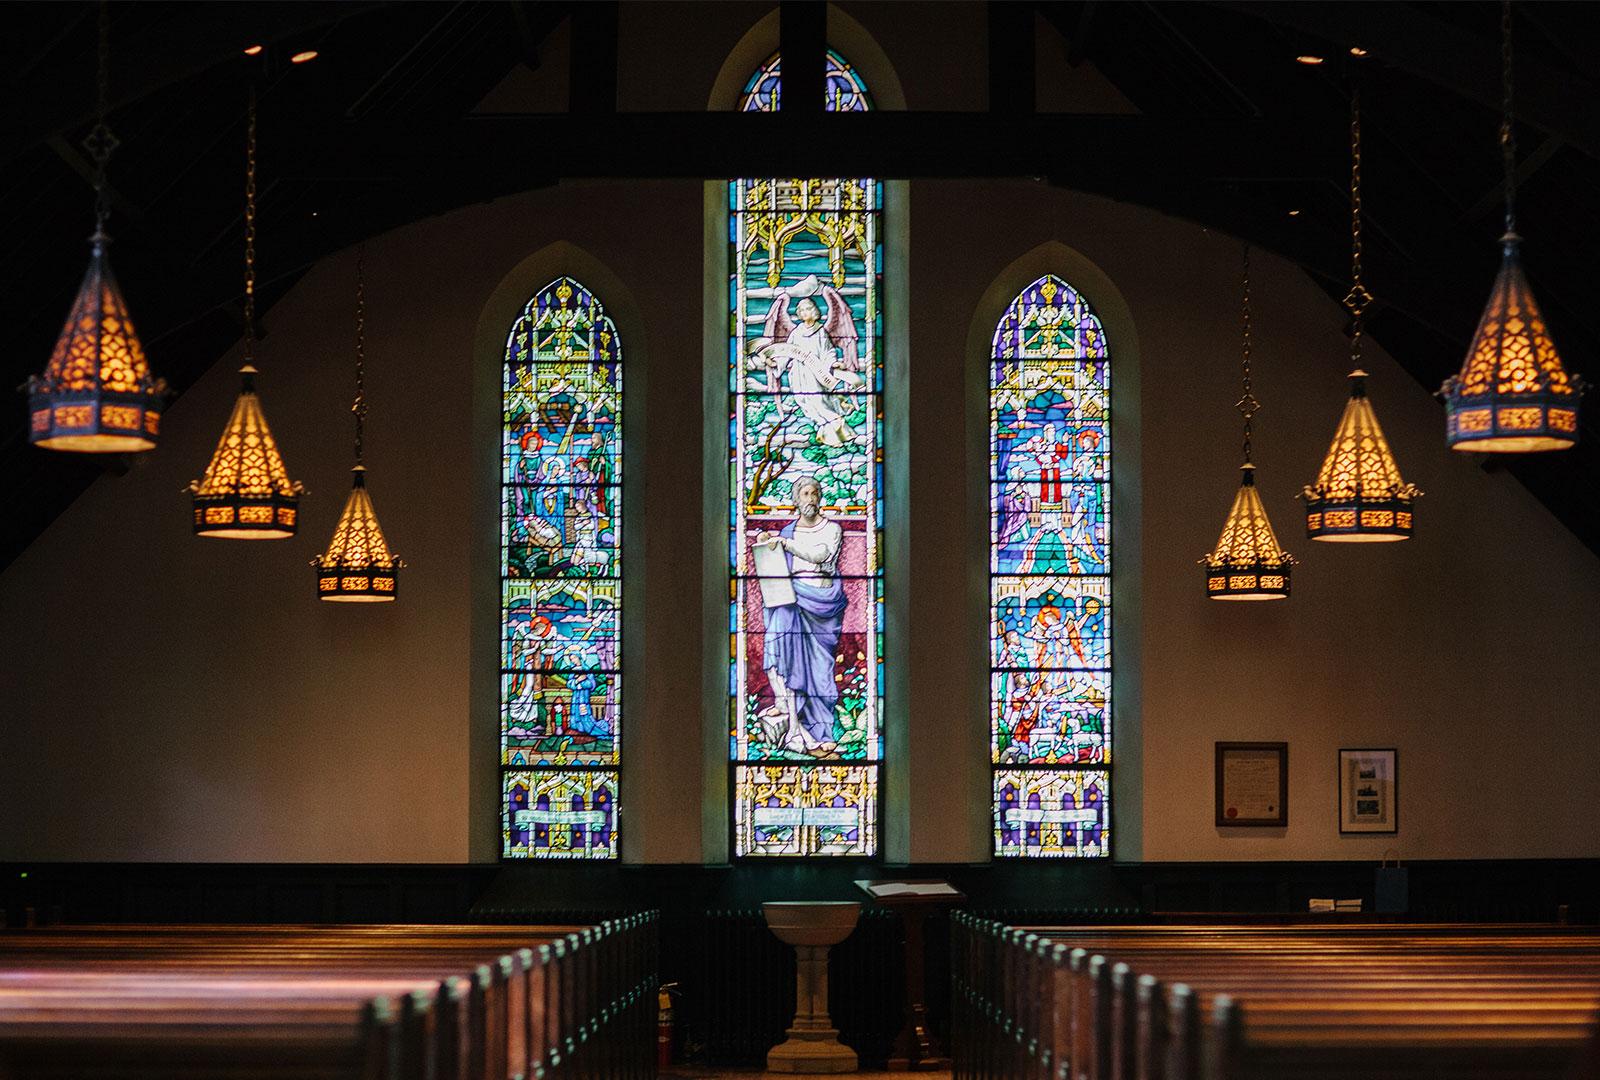 Une réflexion chrétienne (et humaine) sur la laïcité